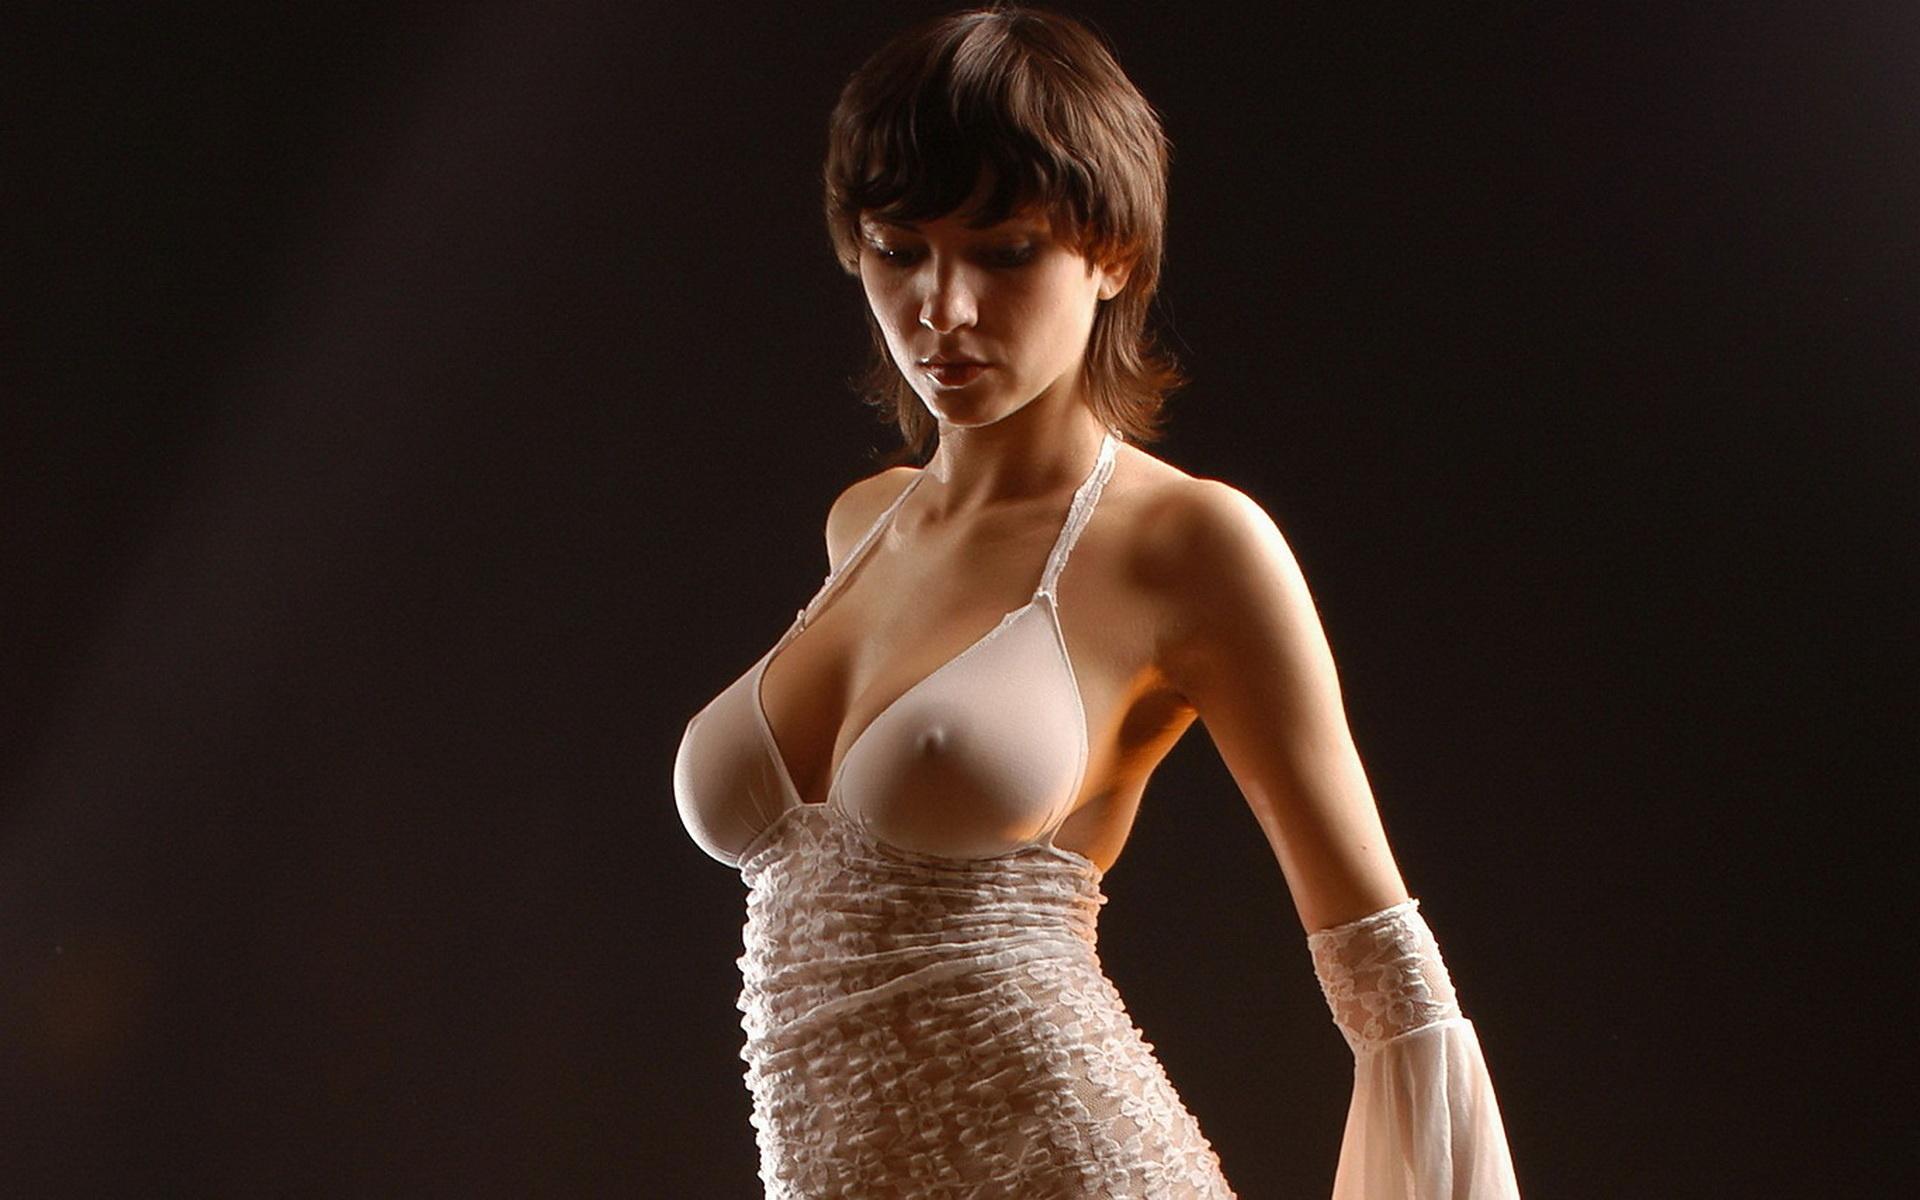 Фото женщин в эротичных платьях 5 фотография